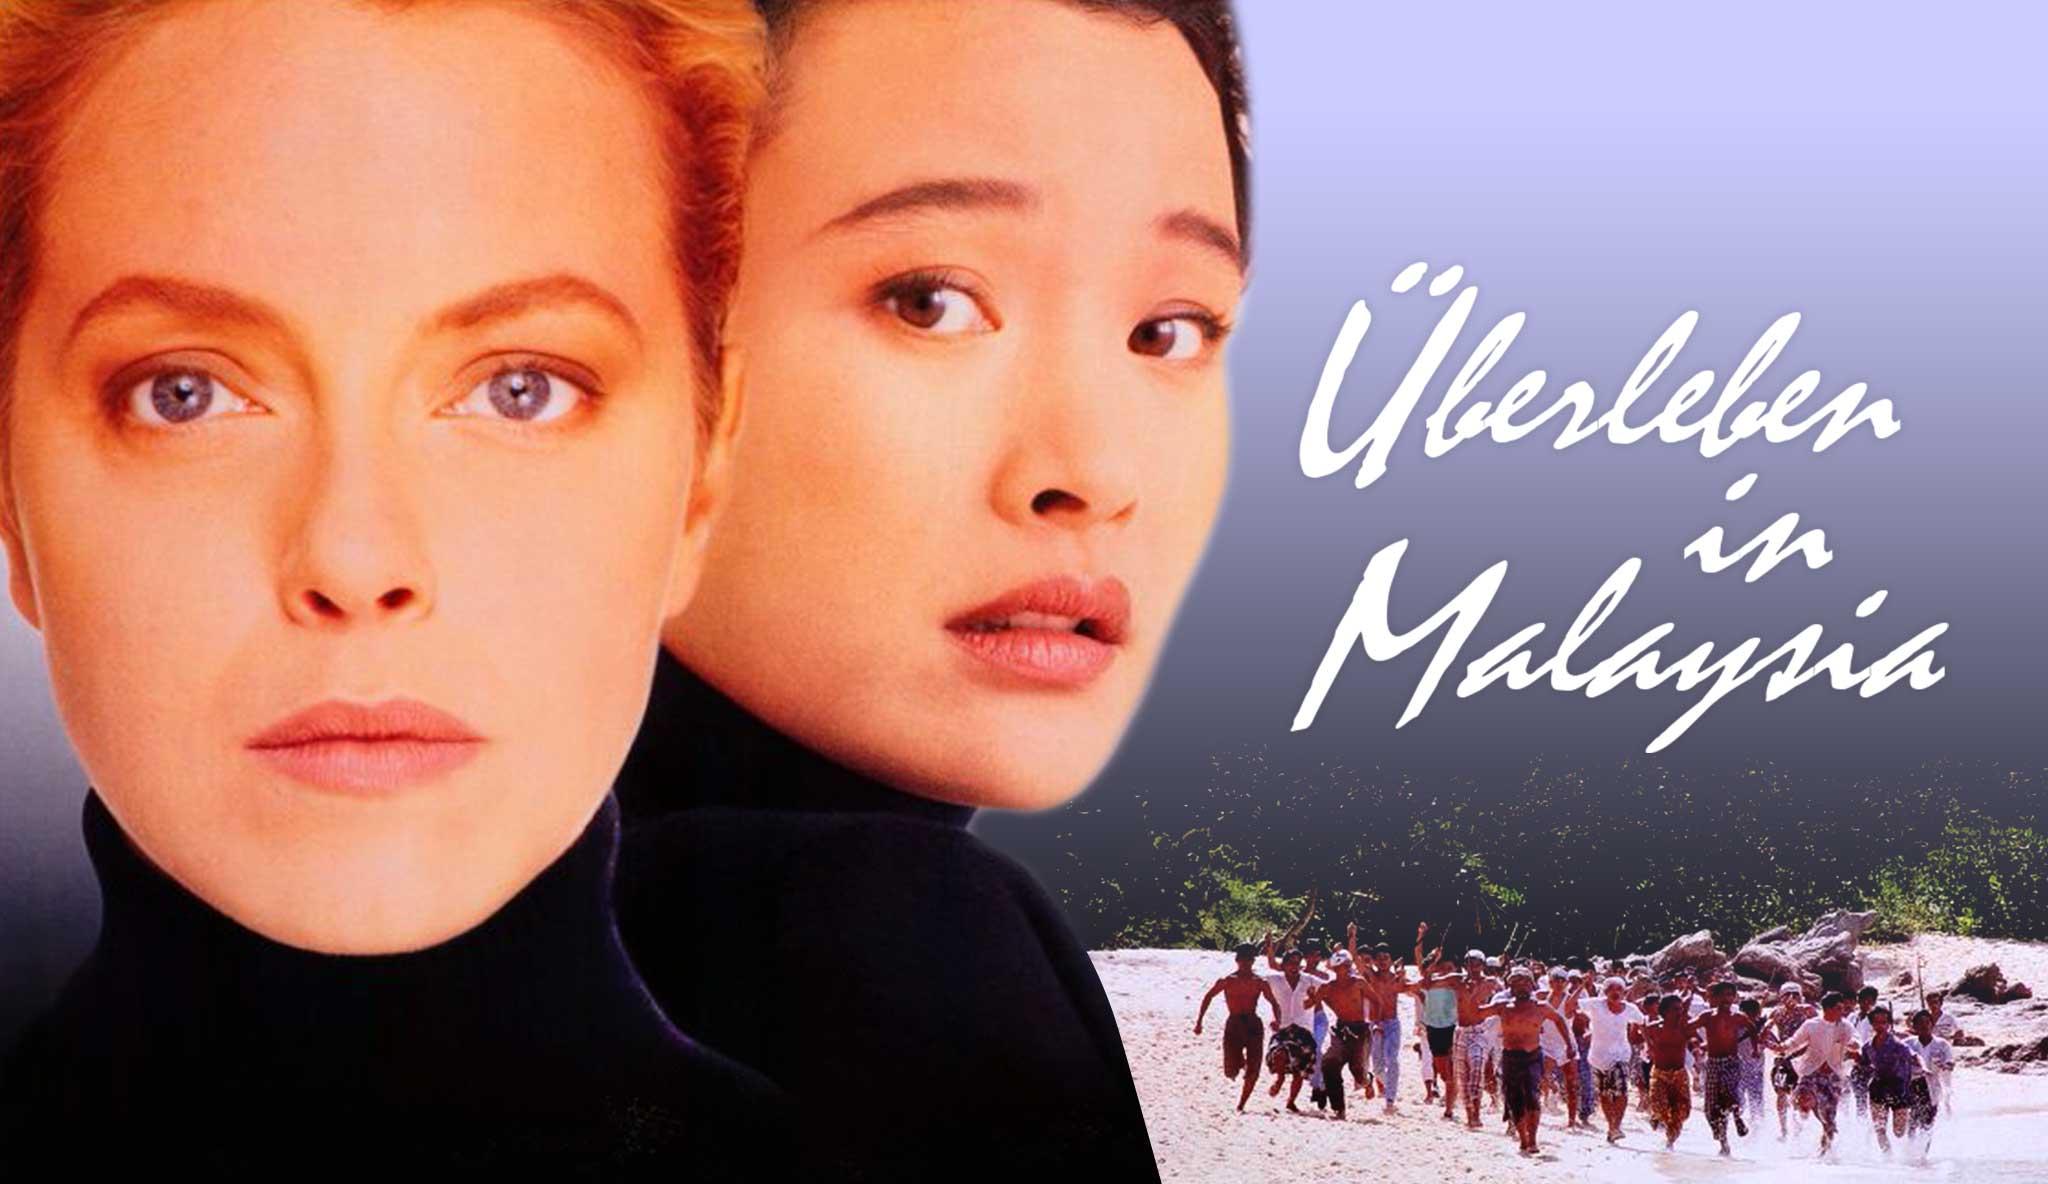 uberleben-in-malaysia\header.jpg